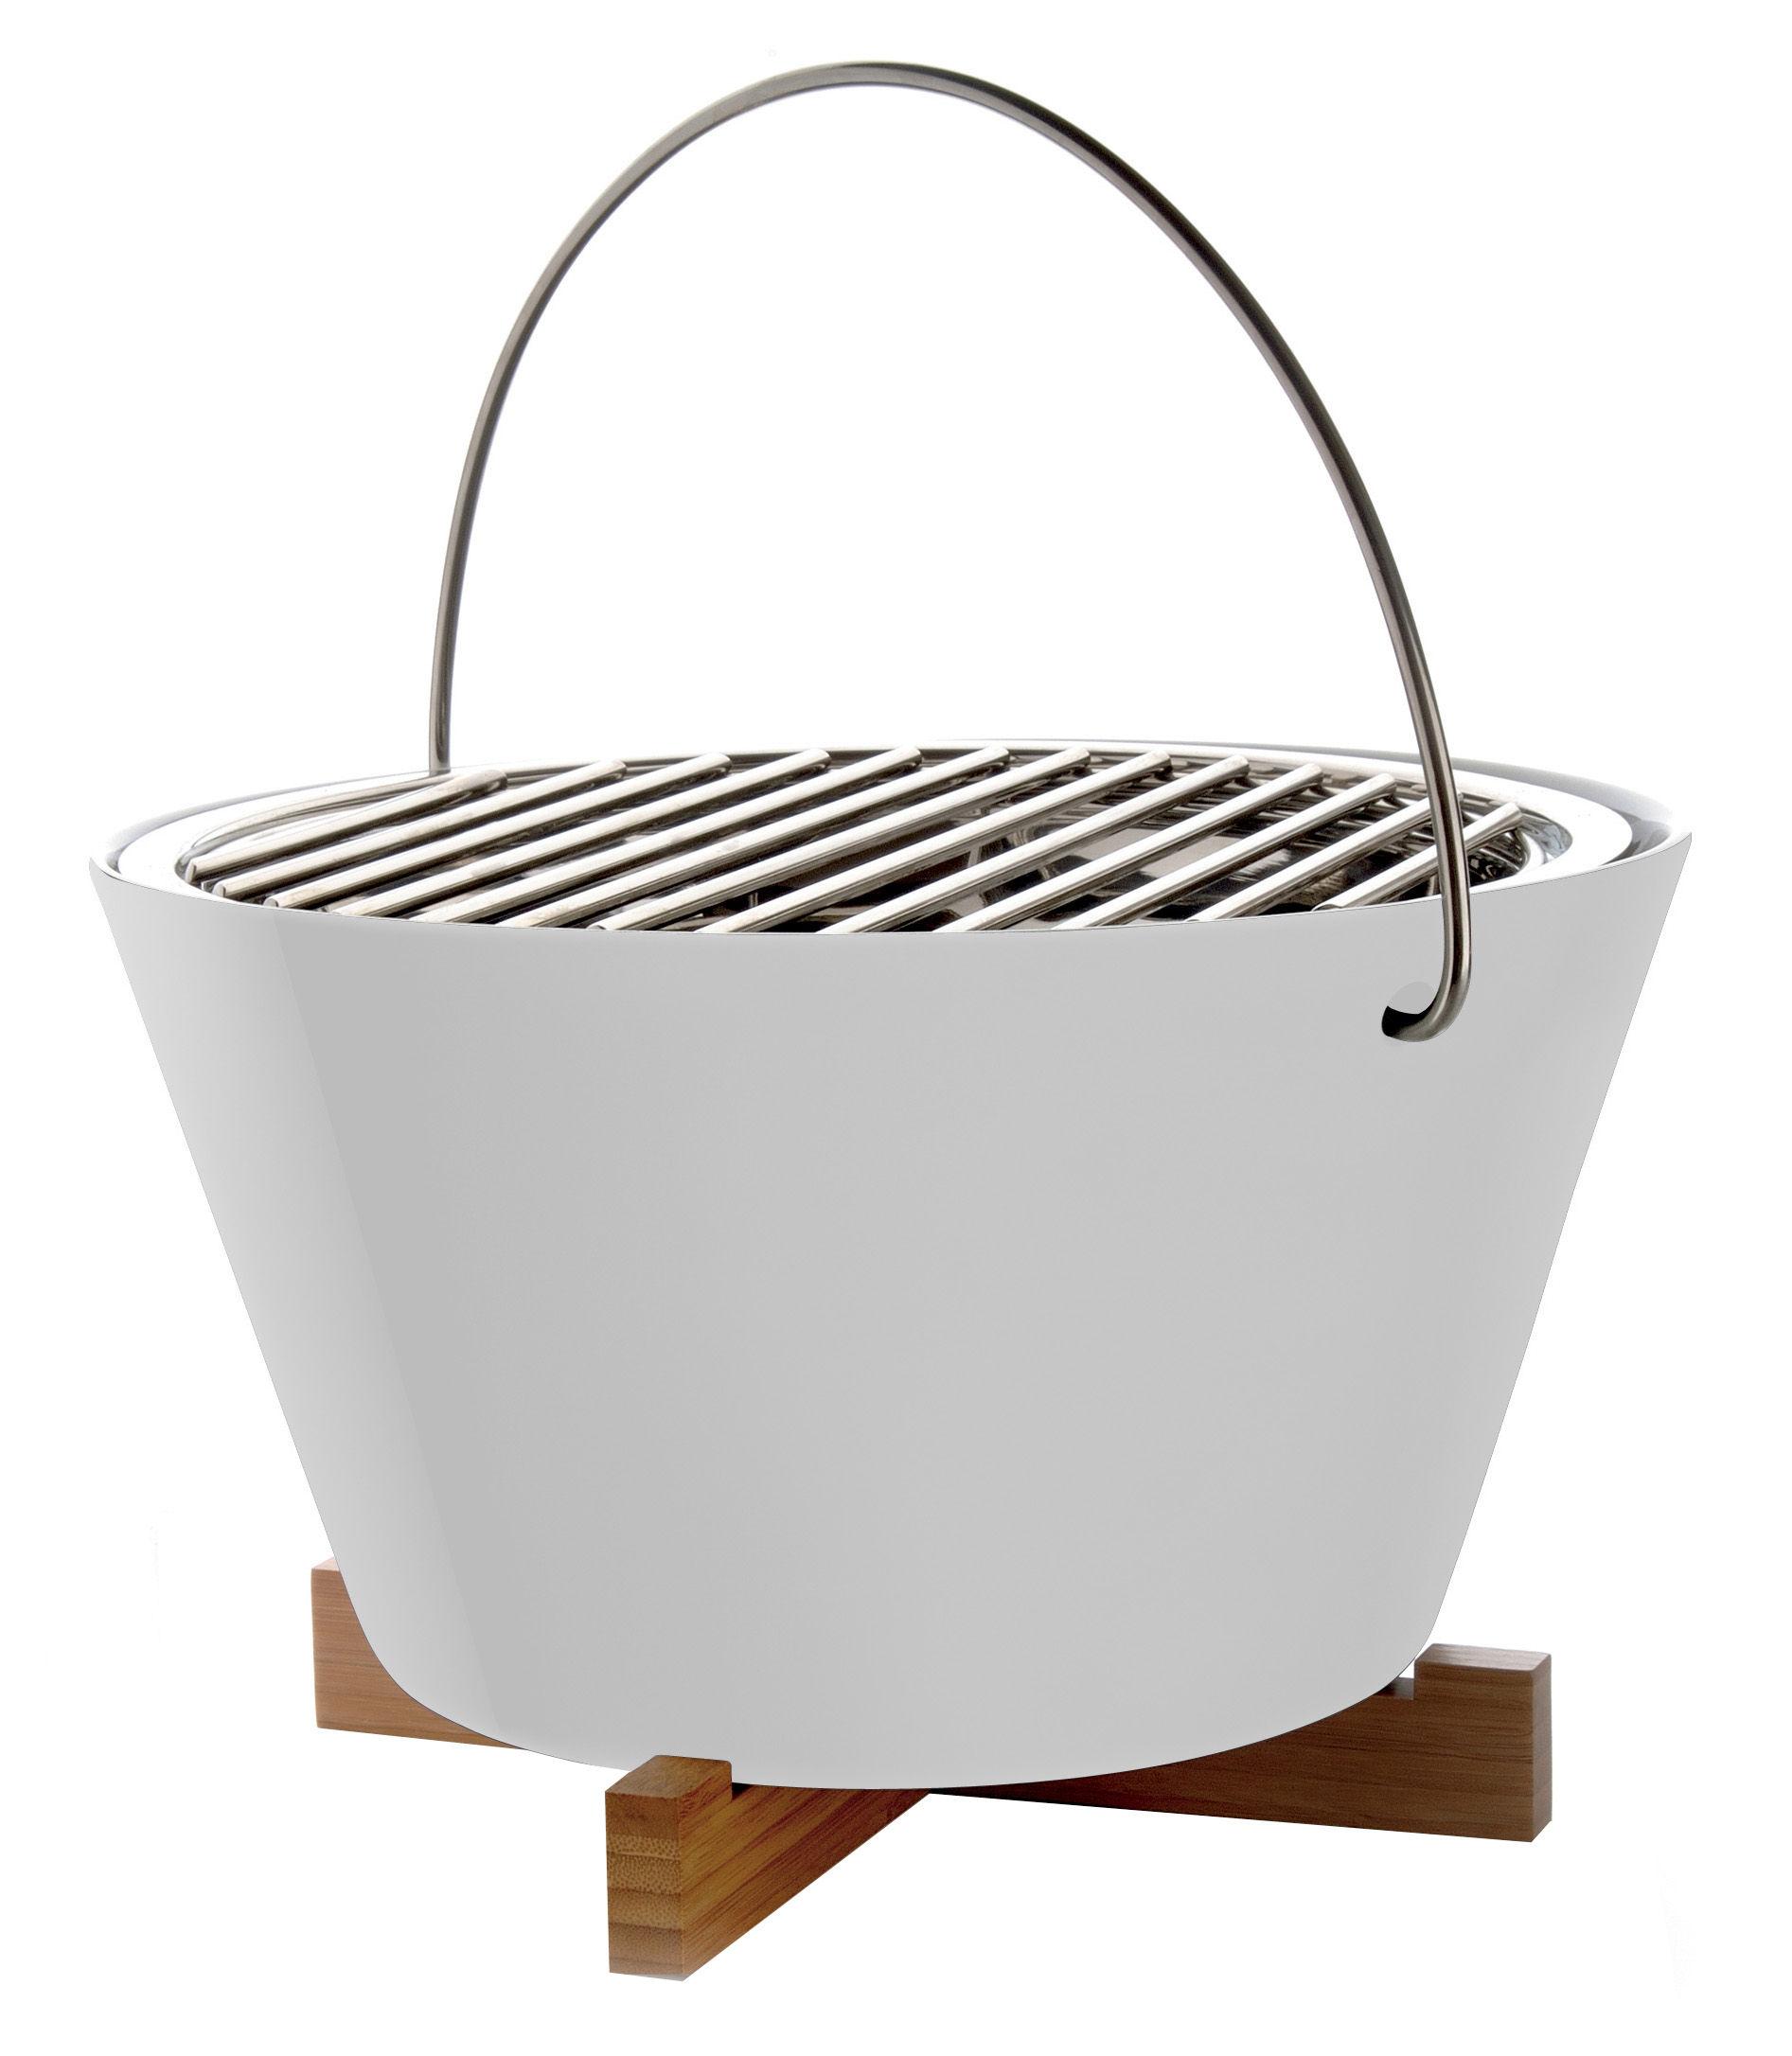 Jardin - Barbecues et braséros - Barbecue portable à charbon / Ø 30 x H 20 cm - Eva Solo - Blanc - Acier inoxydable, Bois, Porcelaine